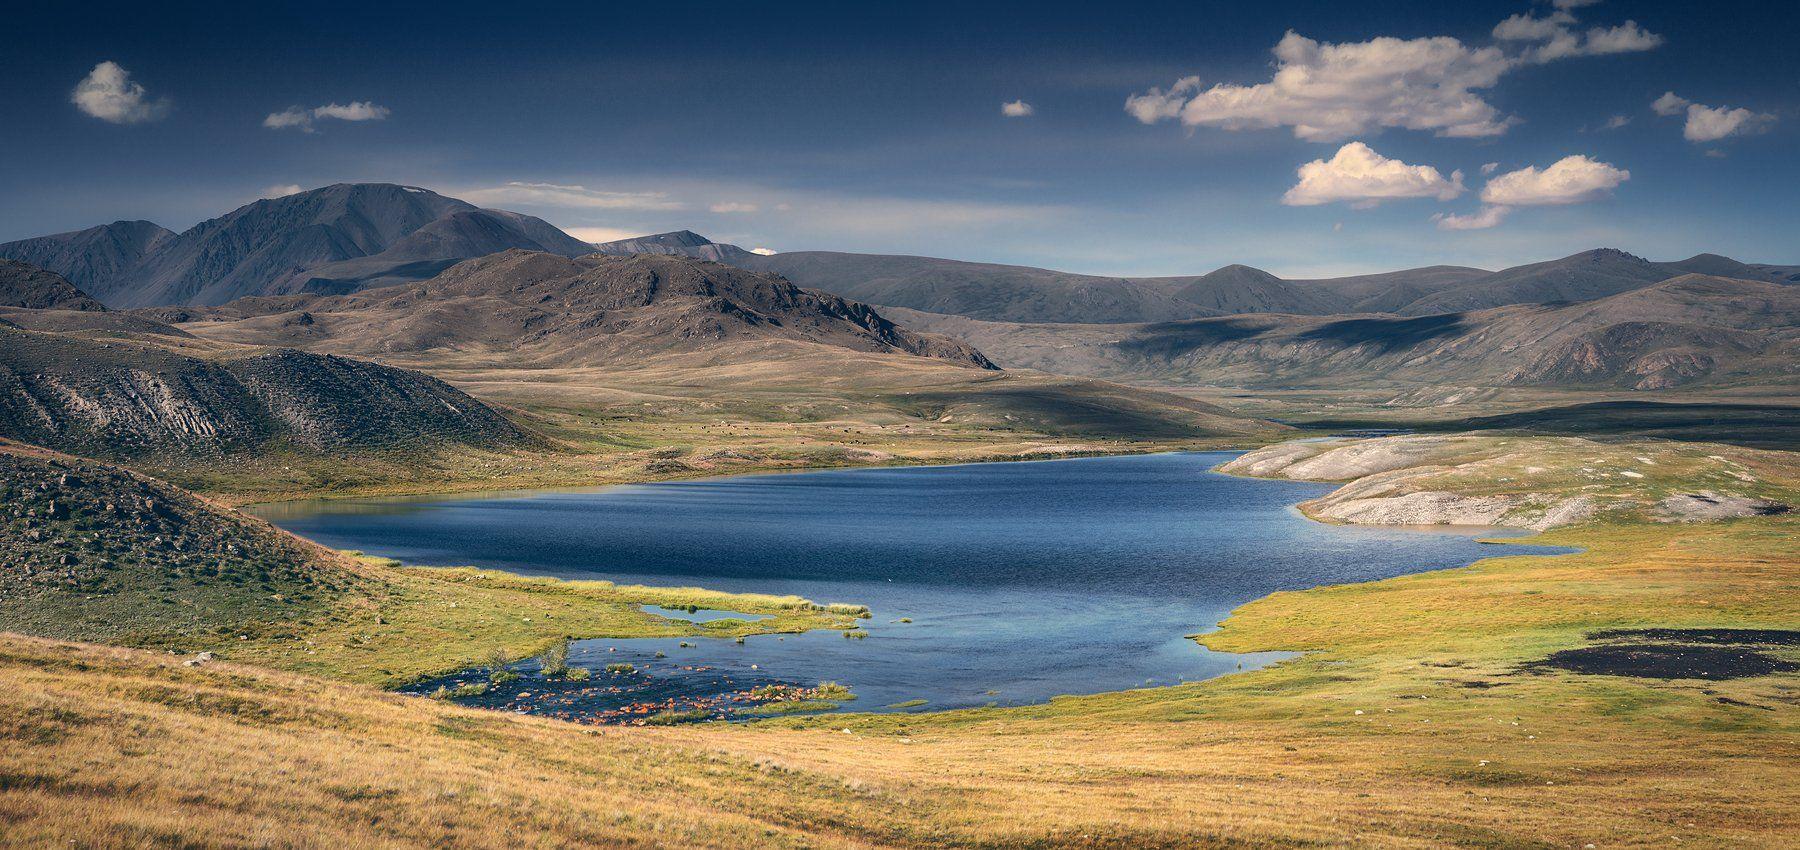 пейзаж, панорама, горы, озеро, алтай, сибирь, природа, путешествия, буйлюкем, Антипов Дмитрий